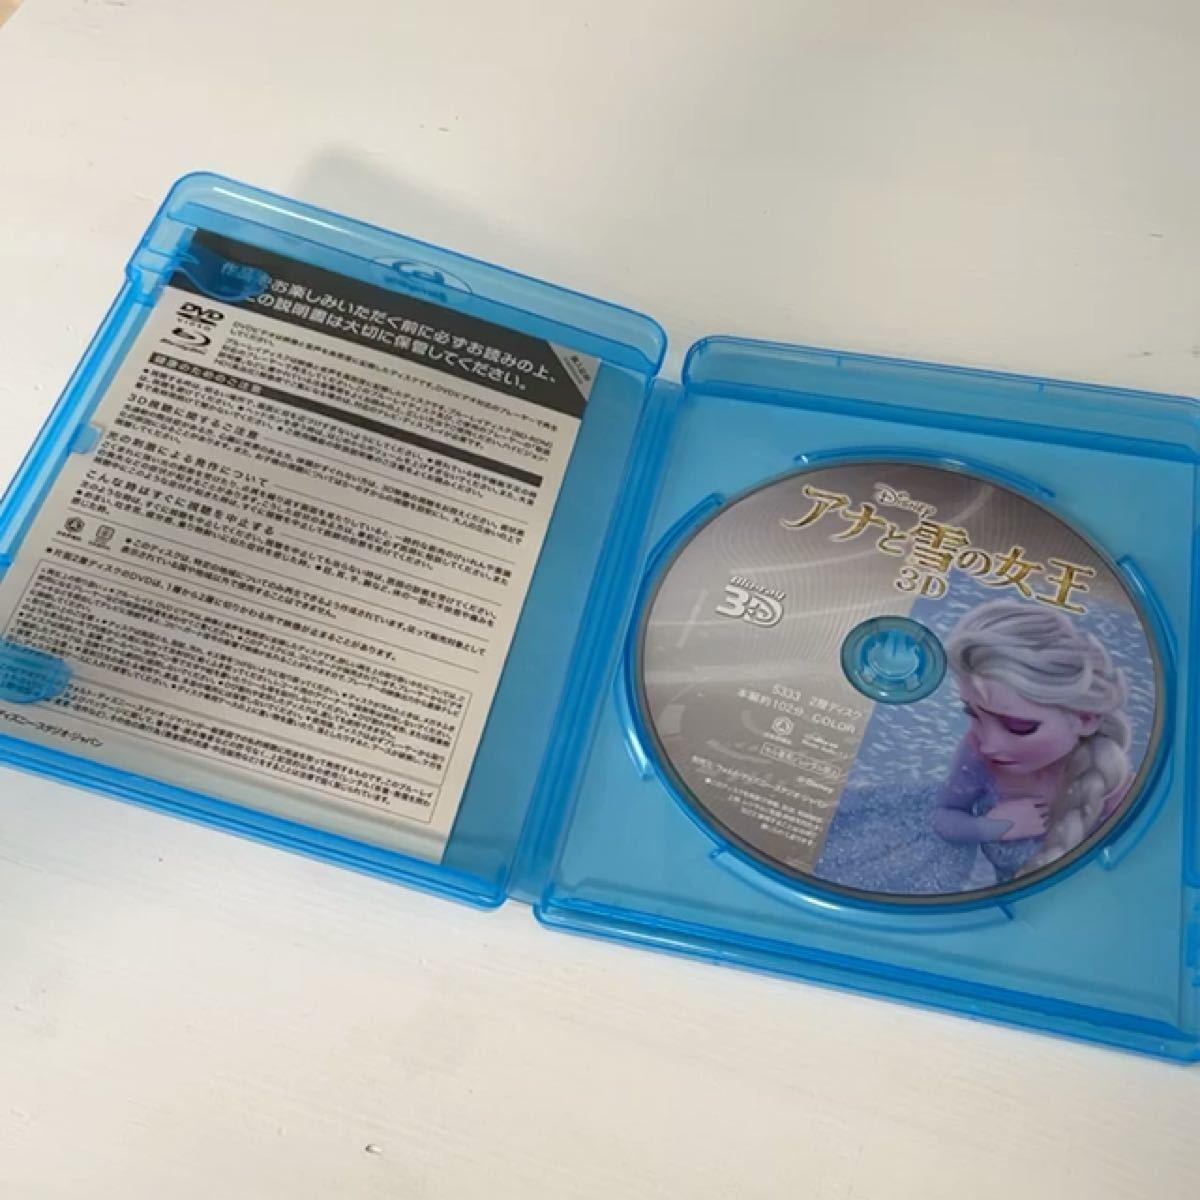 アナと雪の女王 Blu-ray 3D